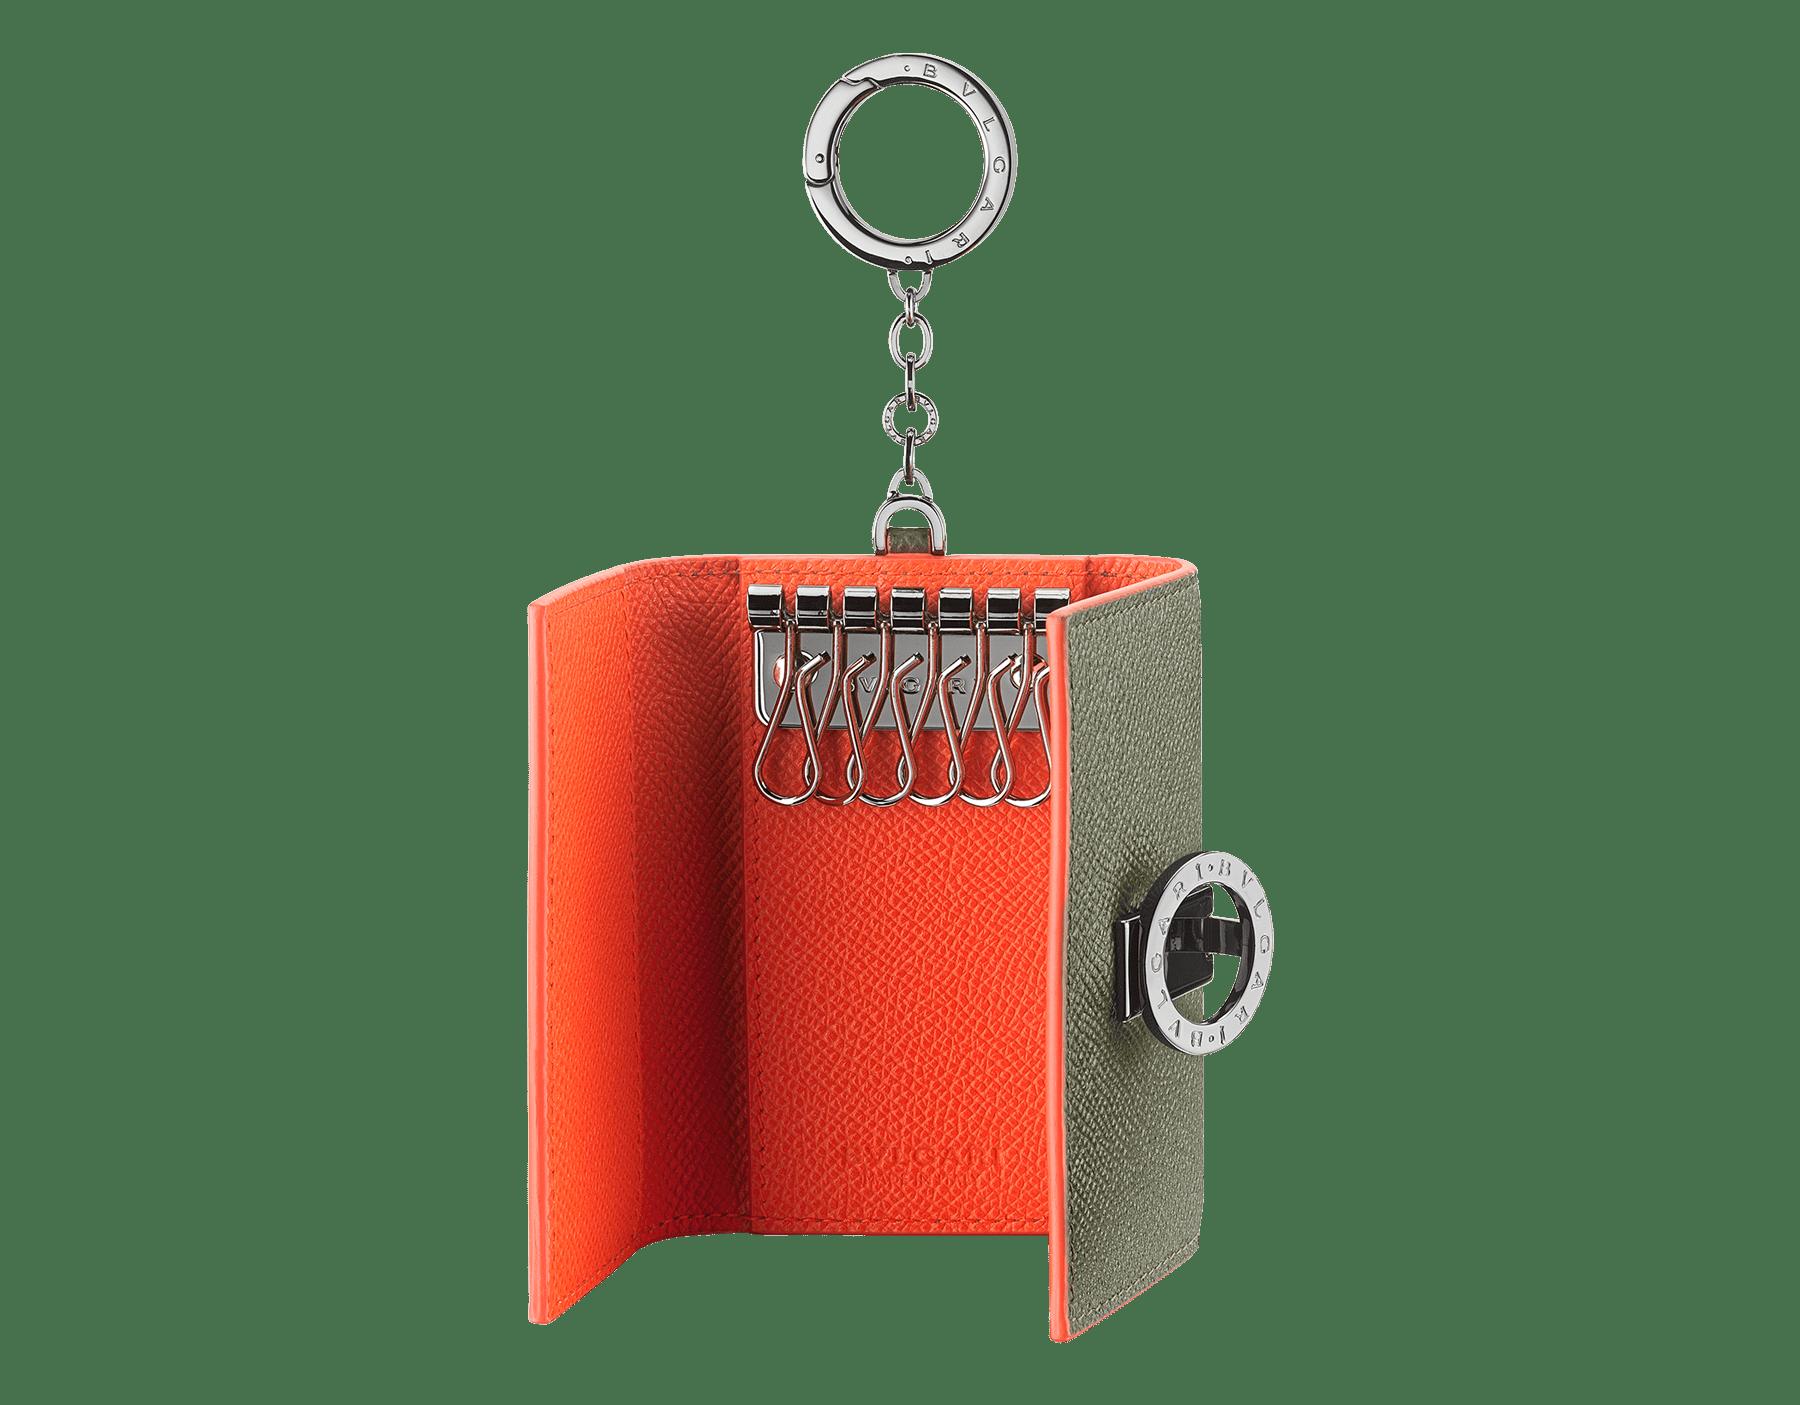 Porte-clés BVLGARI BVLGARI en cuir de veau grainé couleur Mimetic Jade et Fire Amber. Emblématique logo Bvlgari et mousqueton en laiton plaqué ruthénium. BCM-KEY-HOLD-CLASP image 2